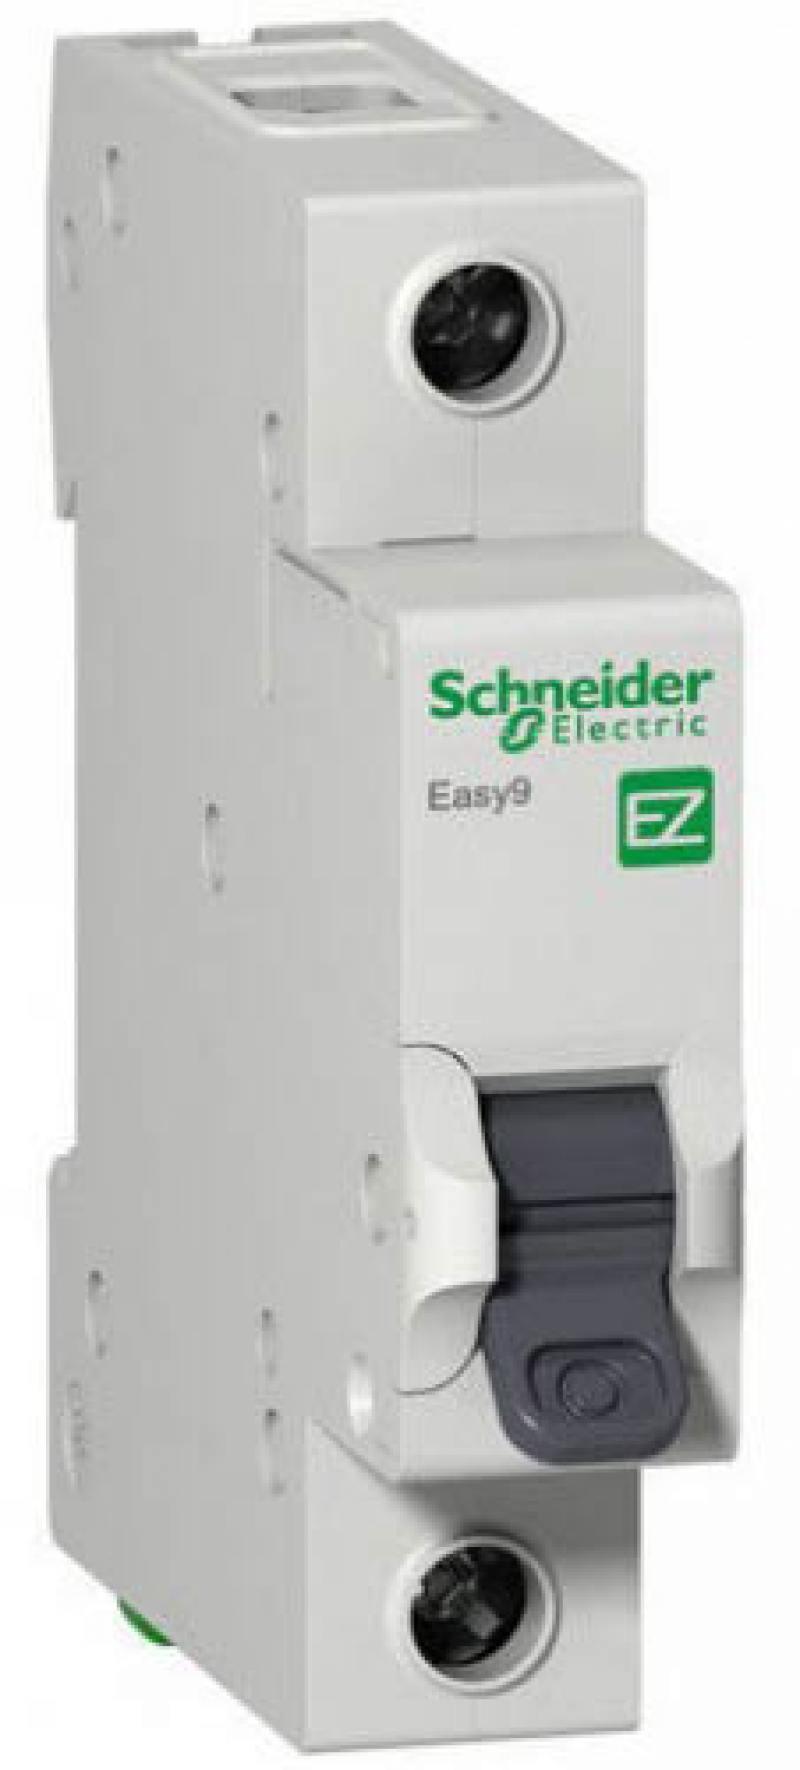 Автоматический выключатель Schneider Electric EASY 9 1П 63A C EZ9F34163 автоматический выключатель schneider electric easy 9 1п 25a c ez9f34125